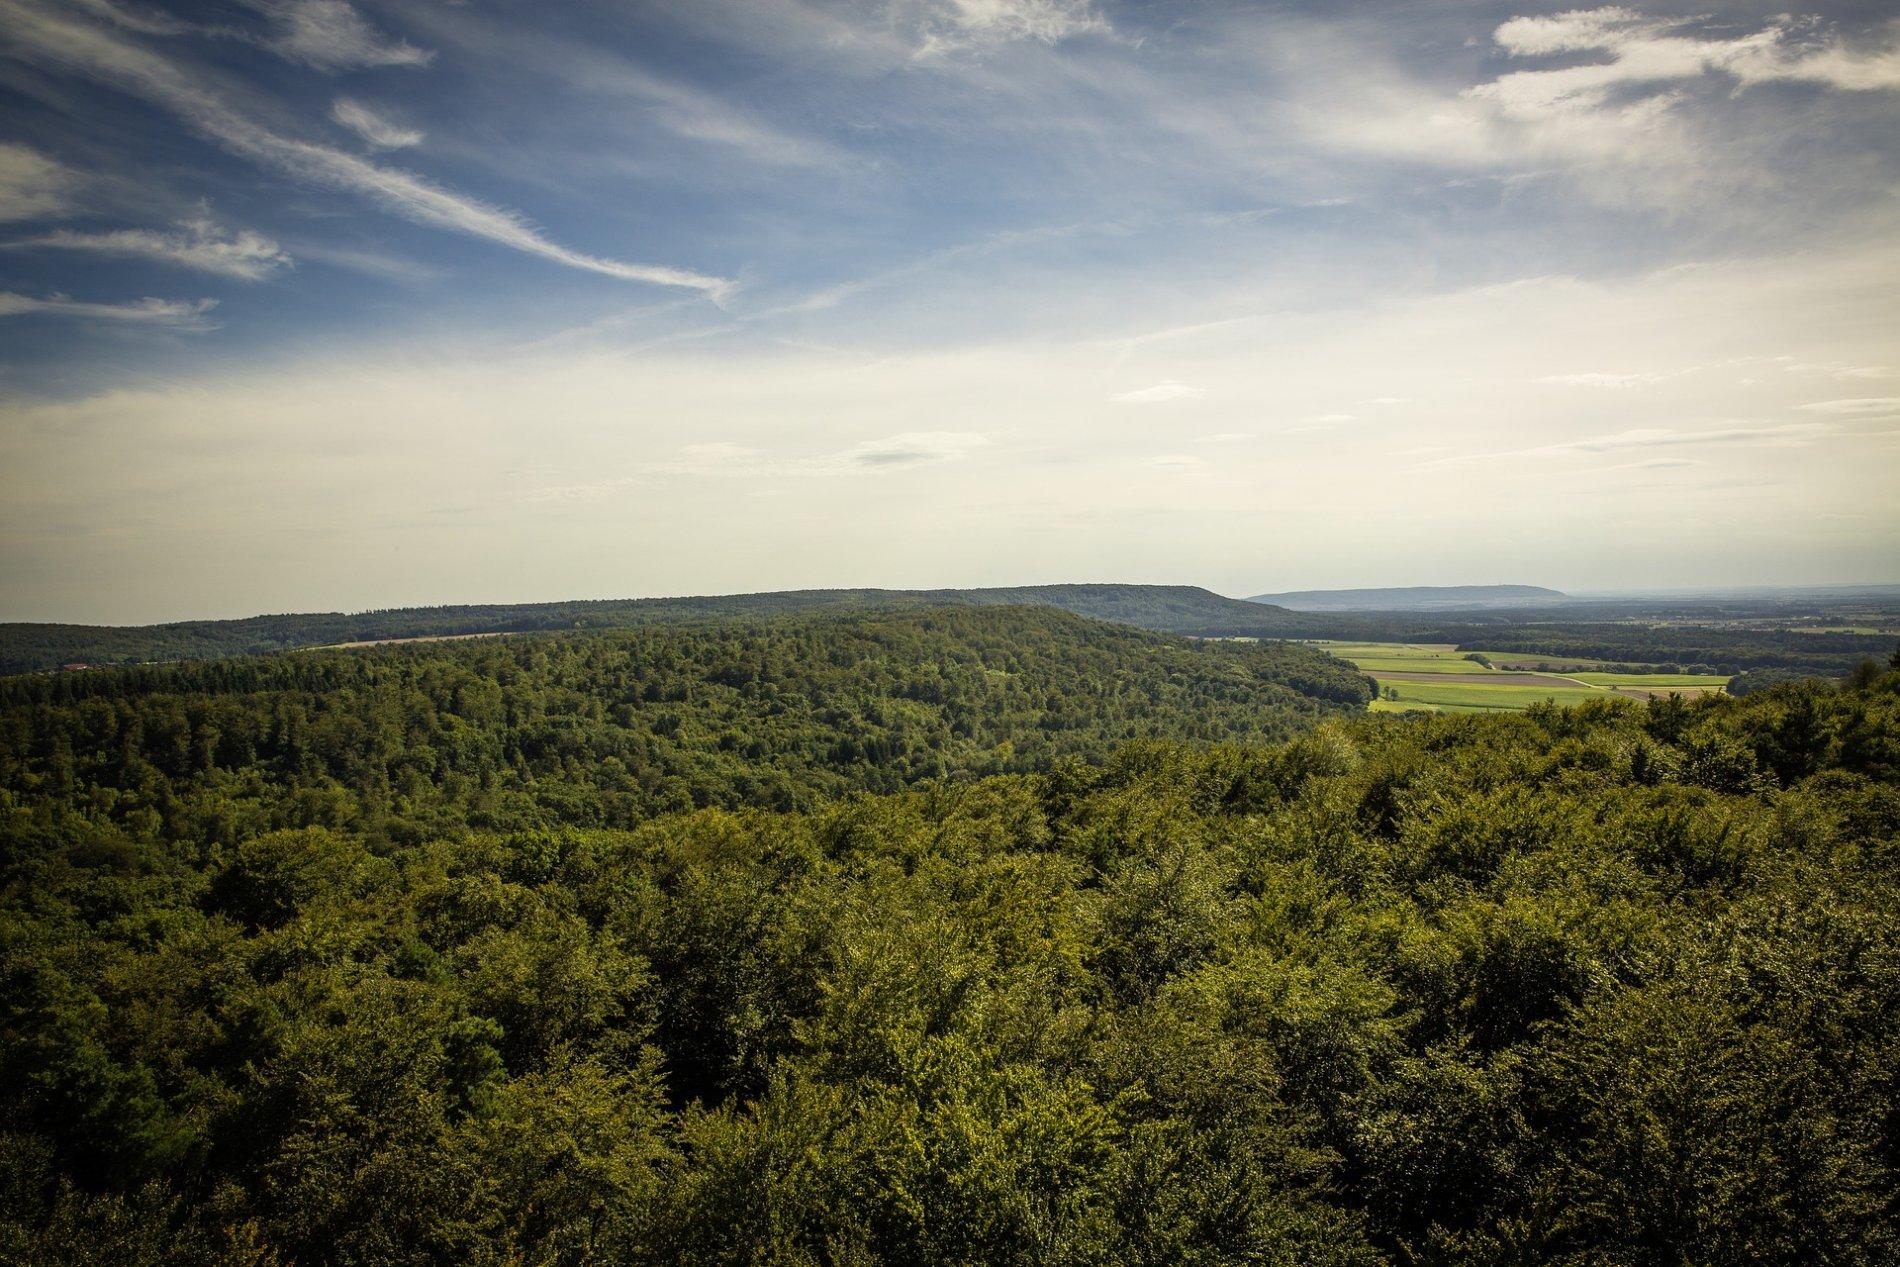 Oberes Maintal - Coburger Land